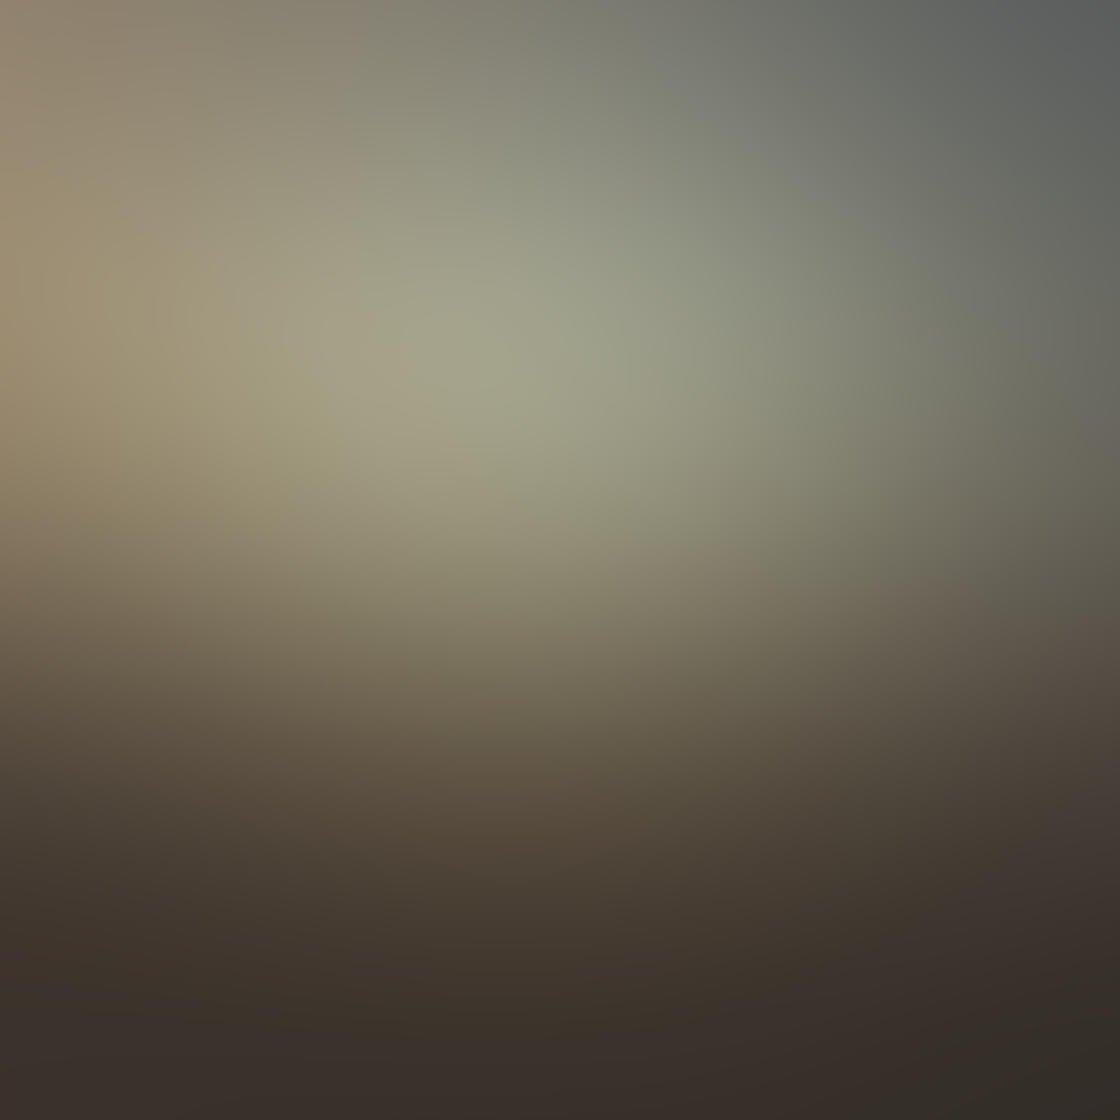 Fog & Mist iPhone Photos 42